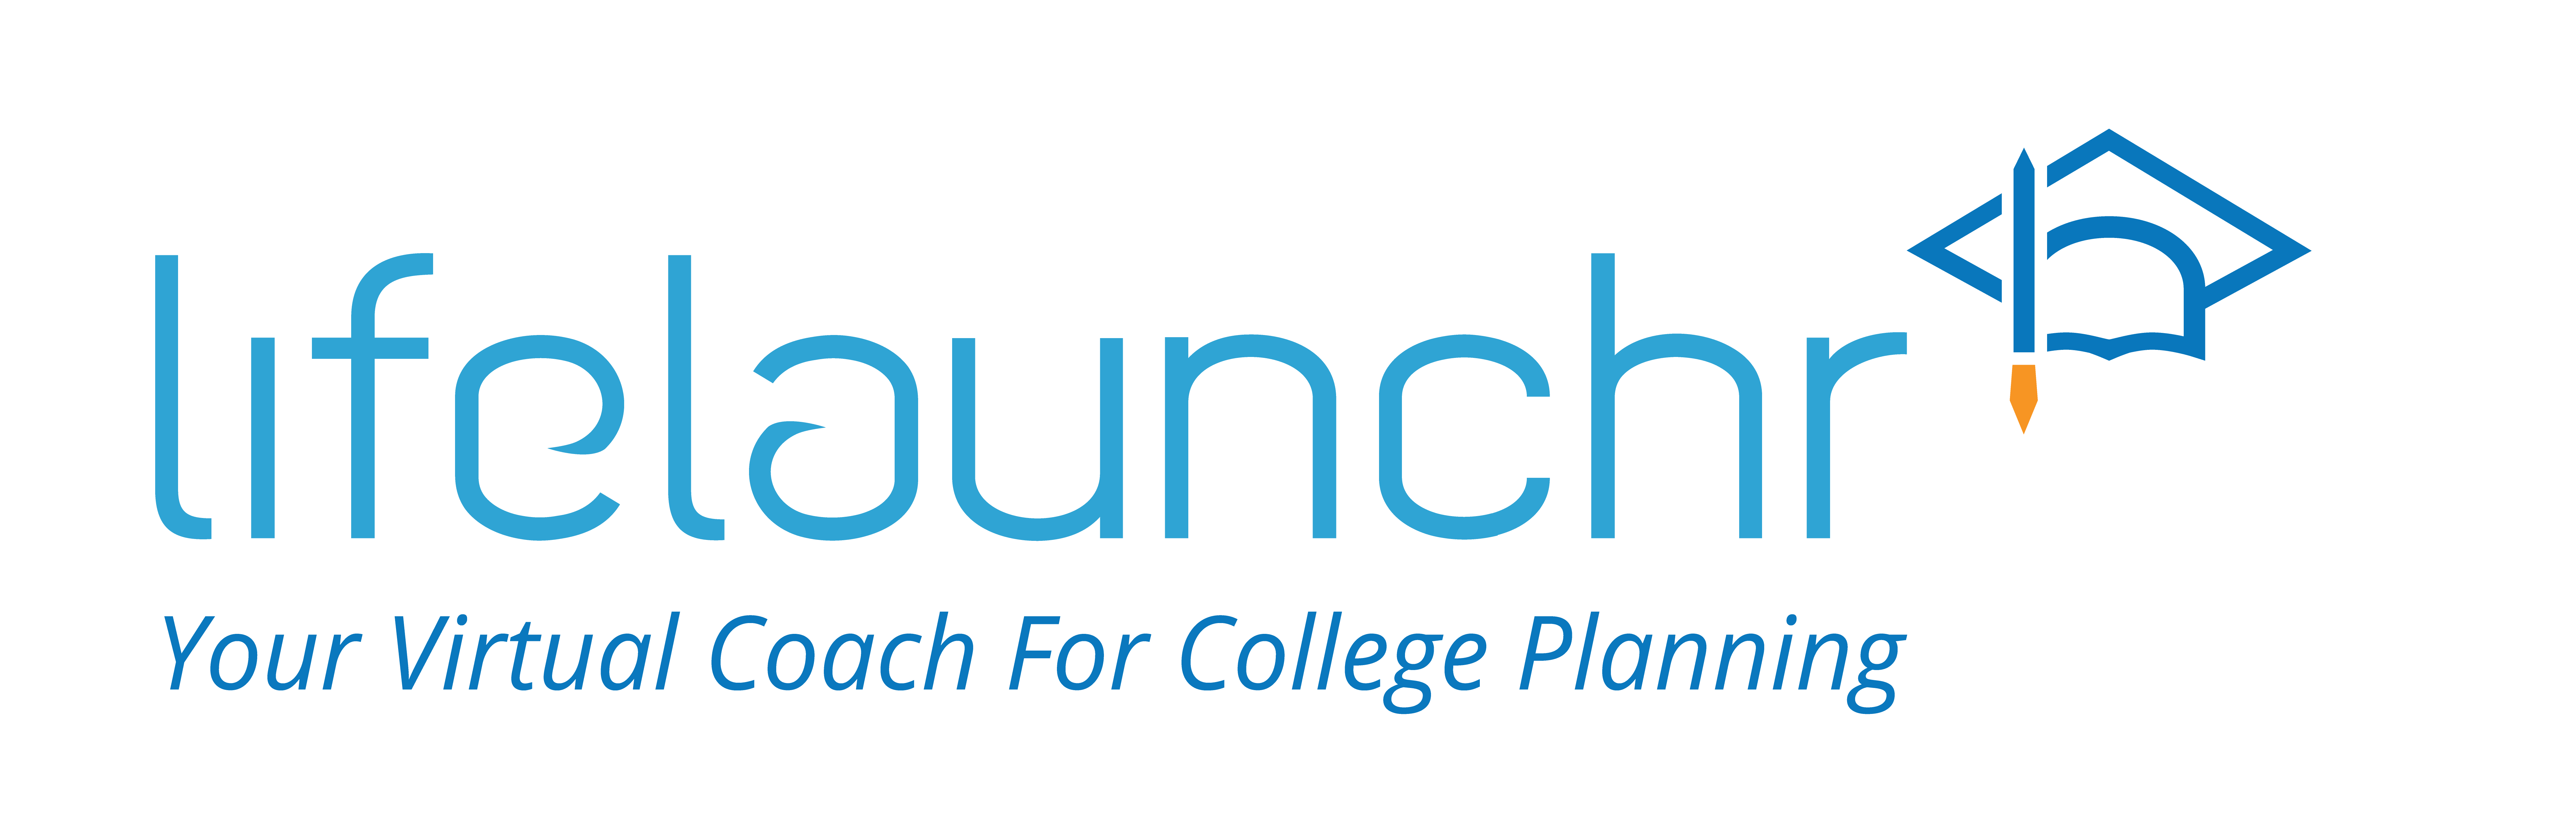 Business LifeLaunchr